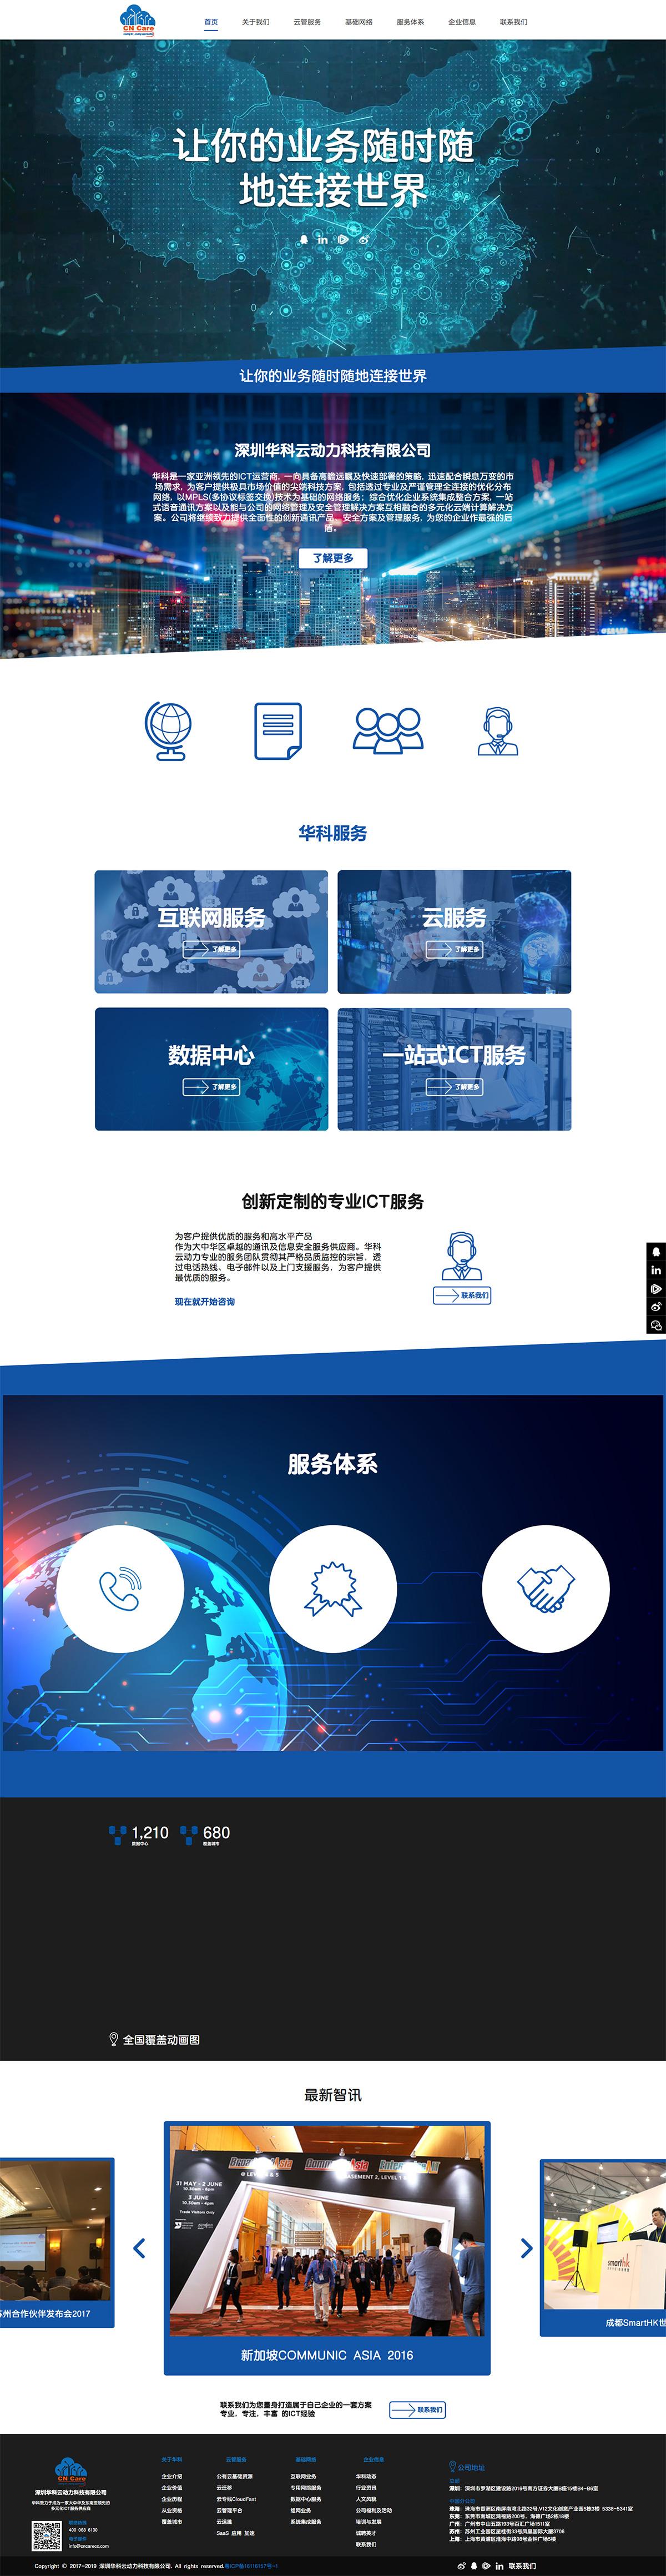 華科云動力網站案例